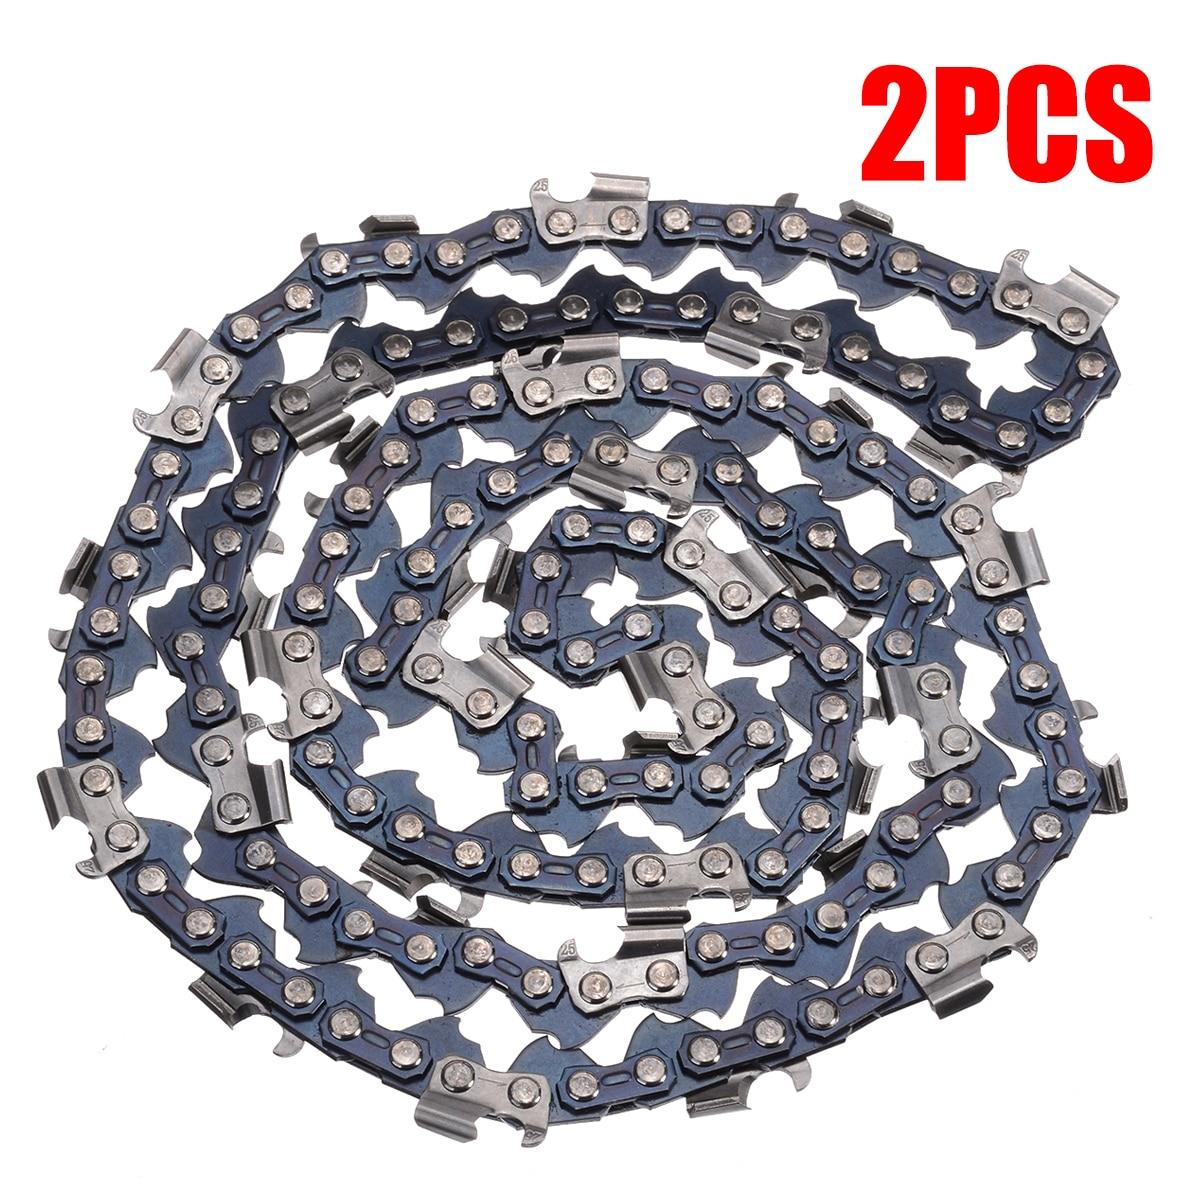 عدد 2 قطعة/المجموعة/مجموعة منشار بالمنشار 20 بوصة 76 وصلة محرك استبدال مطحنة تمزيق سلسلة شفرة الملعب 0.325